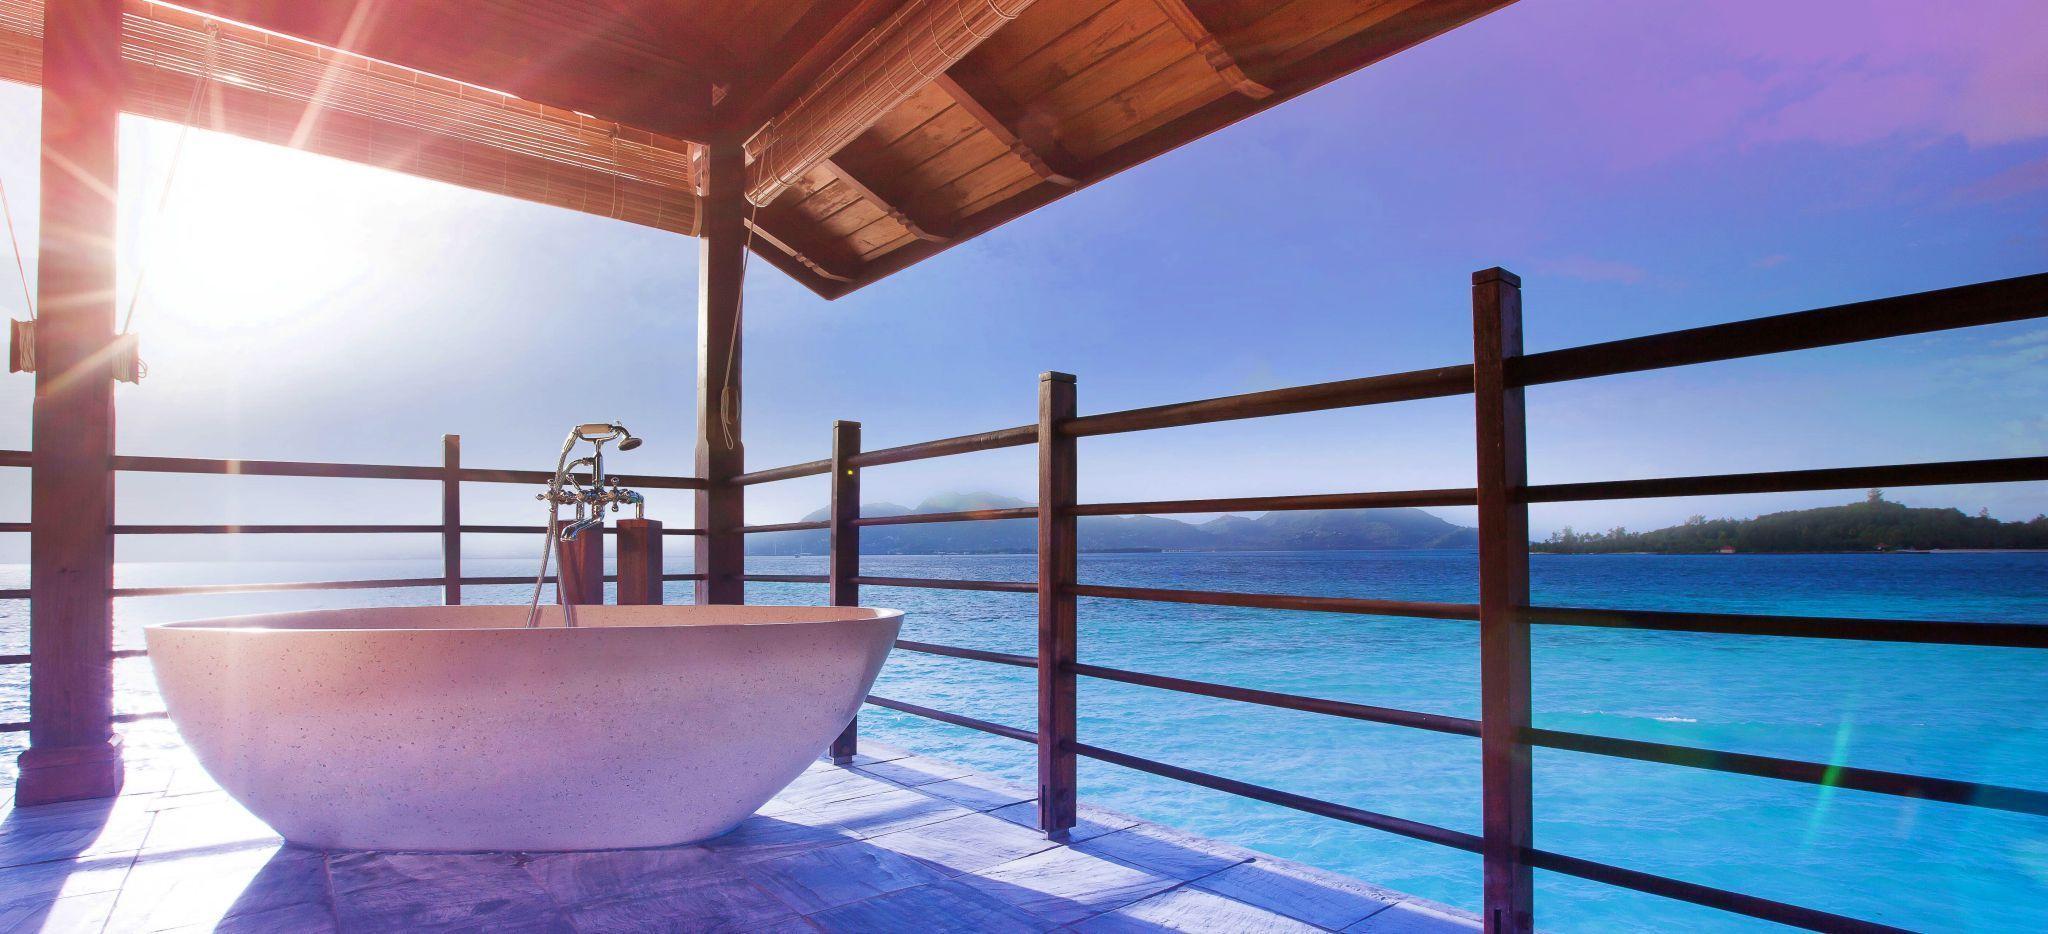 Badewanne auf einer Terrasse über dem Meer im Sonnenlicht, im Hotel JA Enchanted Island auf den Seychellen